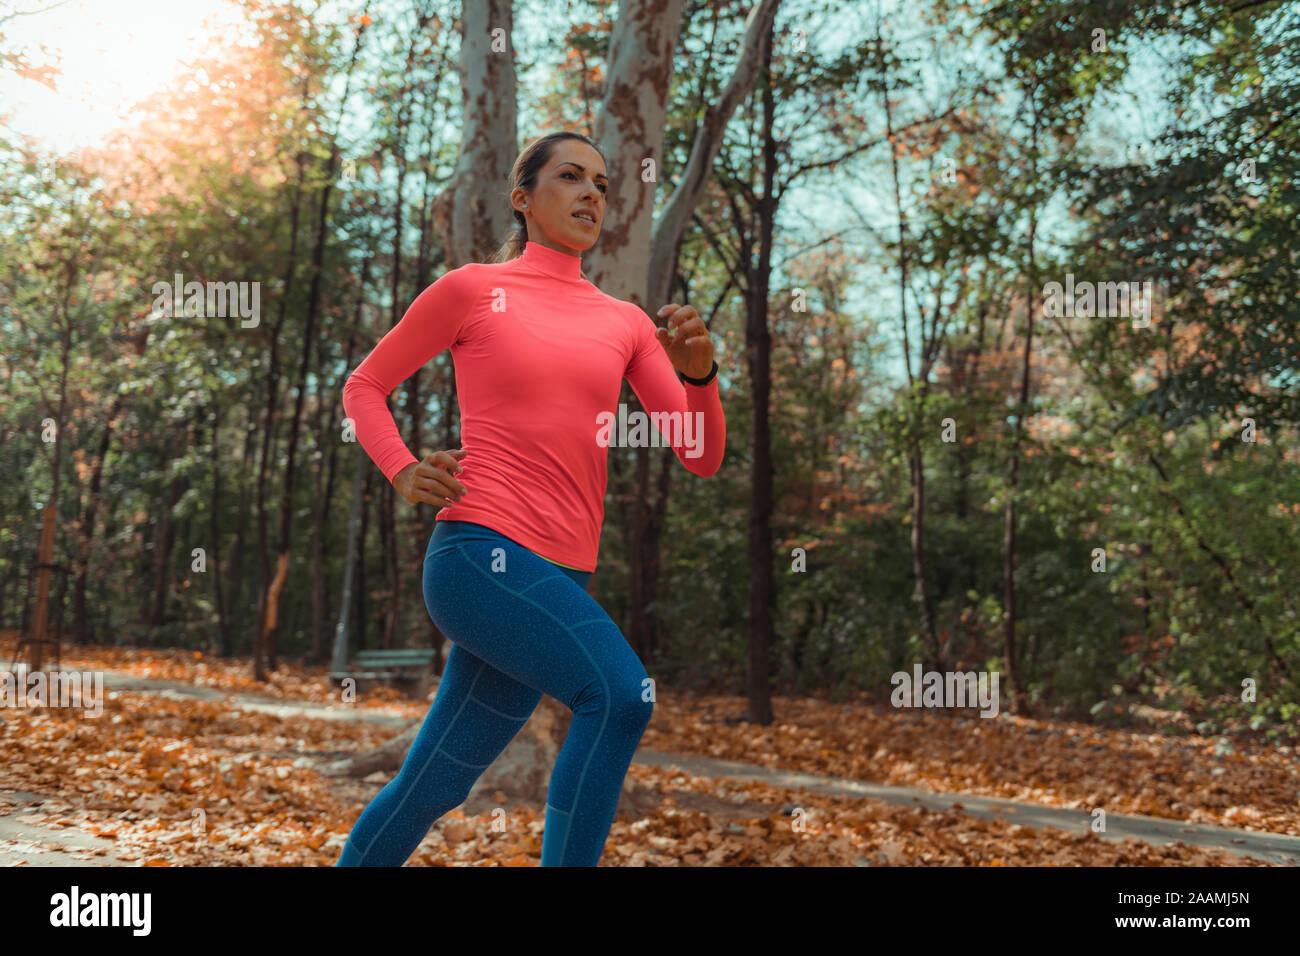 Woman jogging dans un parc Banque D'Images